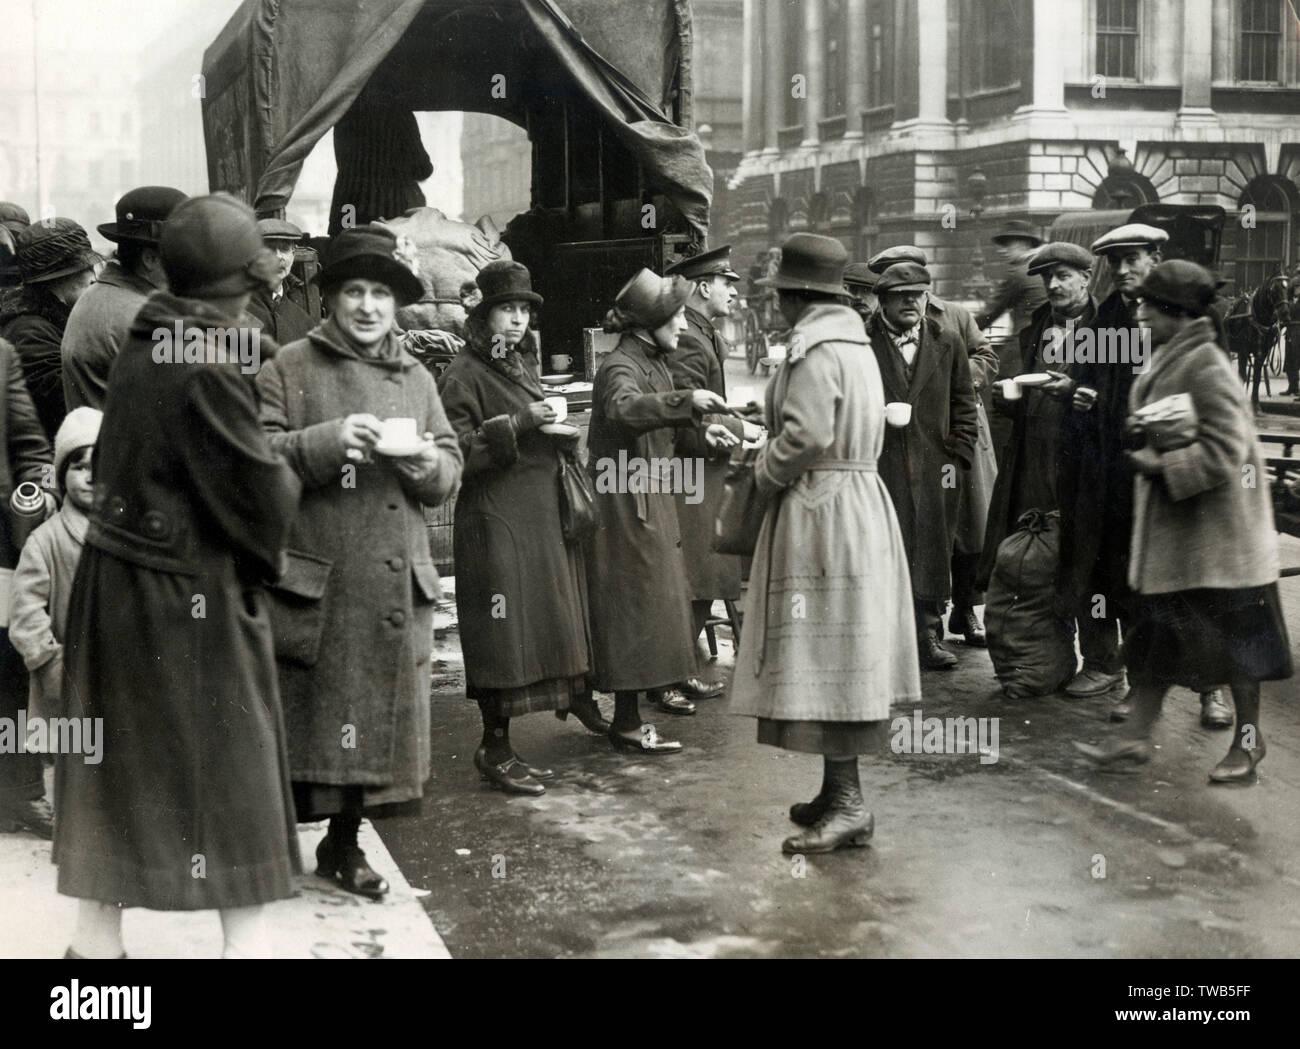 """Essen Warteschlangen in London aufgrund der Verknappung des Angebots. Die Menschen warten auf """"Get 2 Unzen nur' Datum: 1918 Stockbild"""